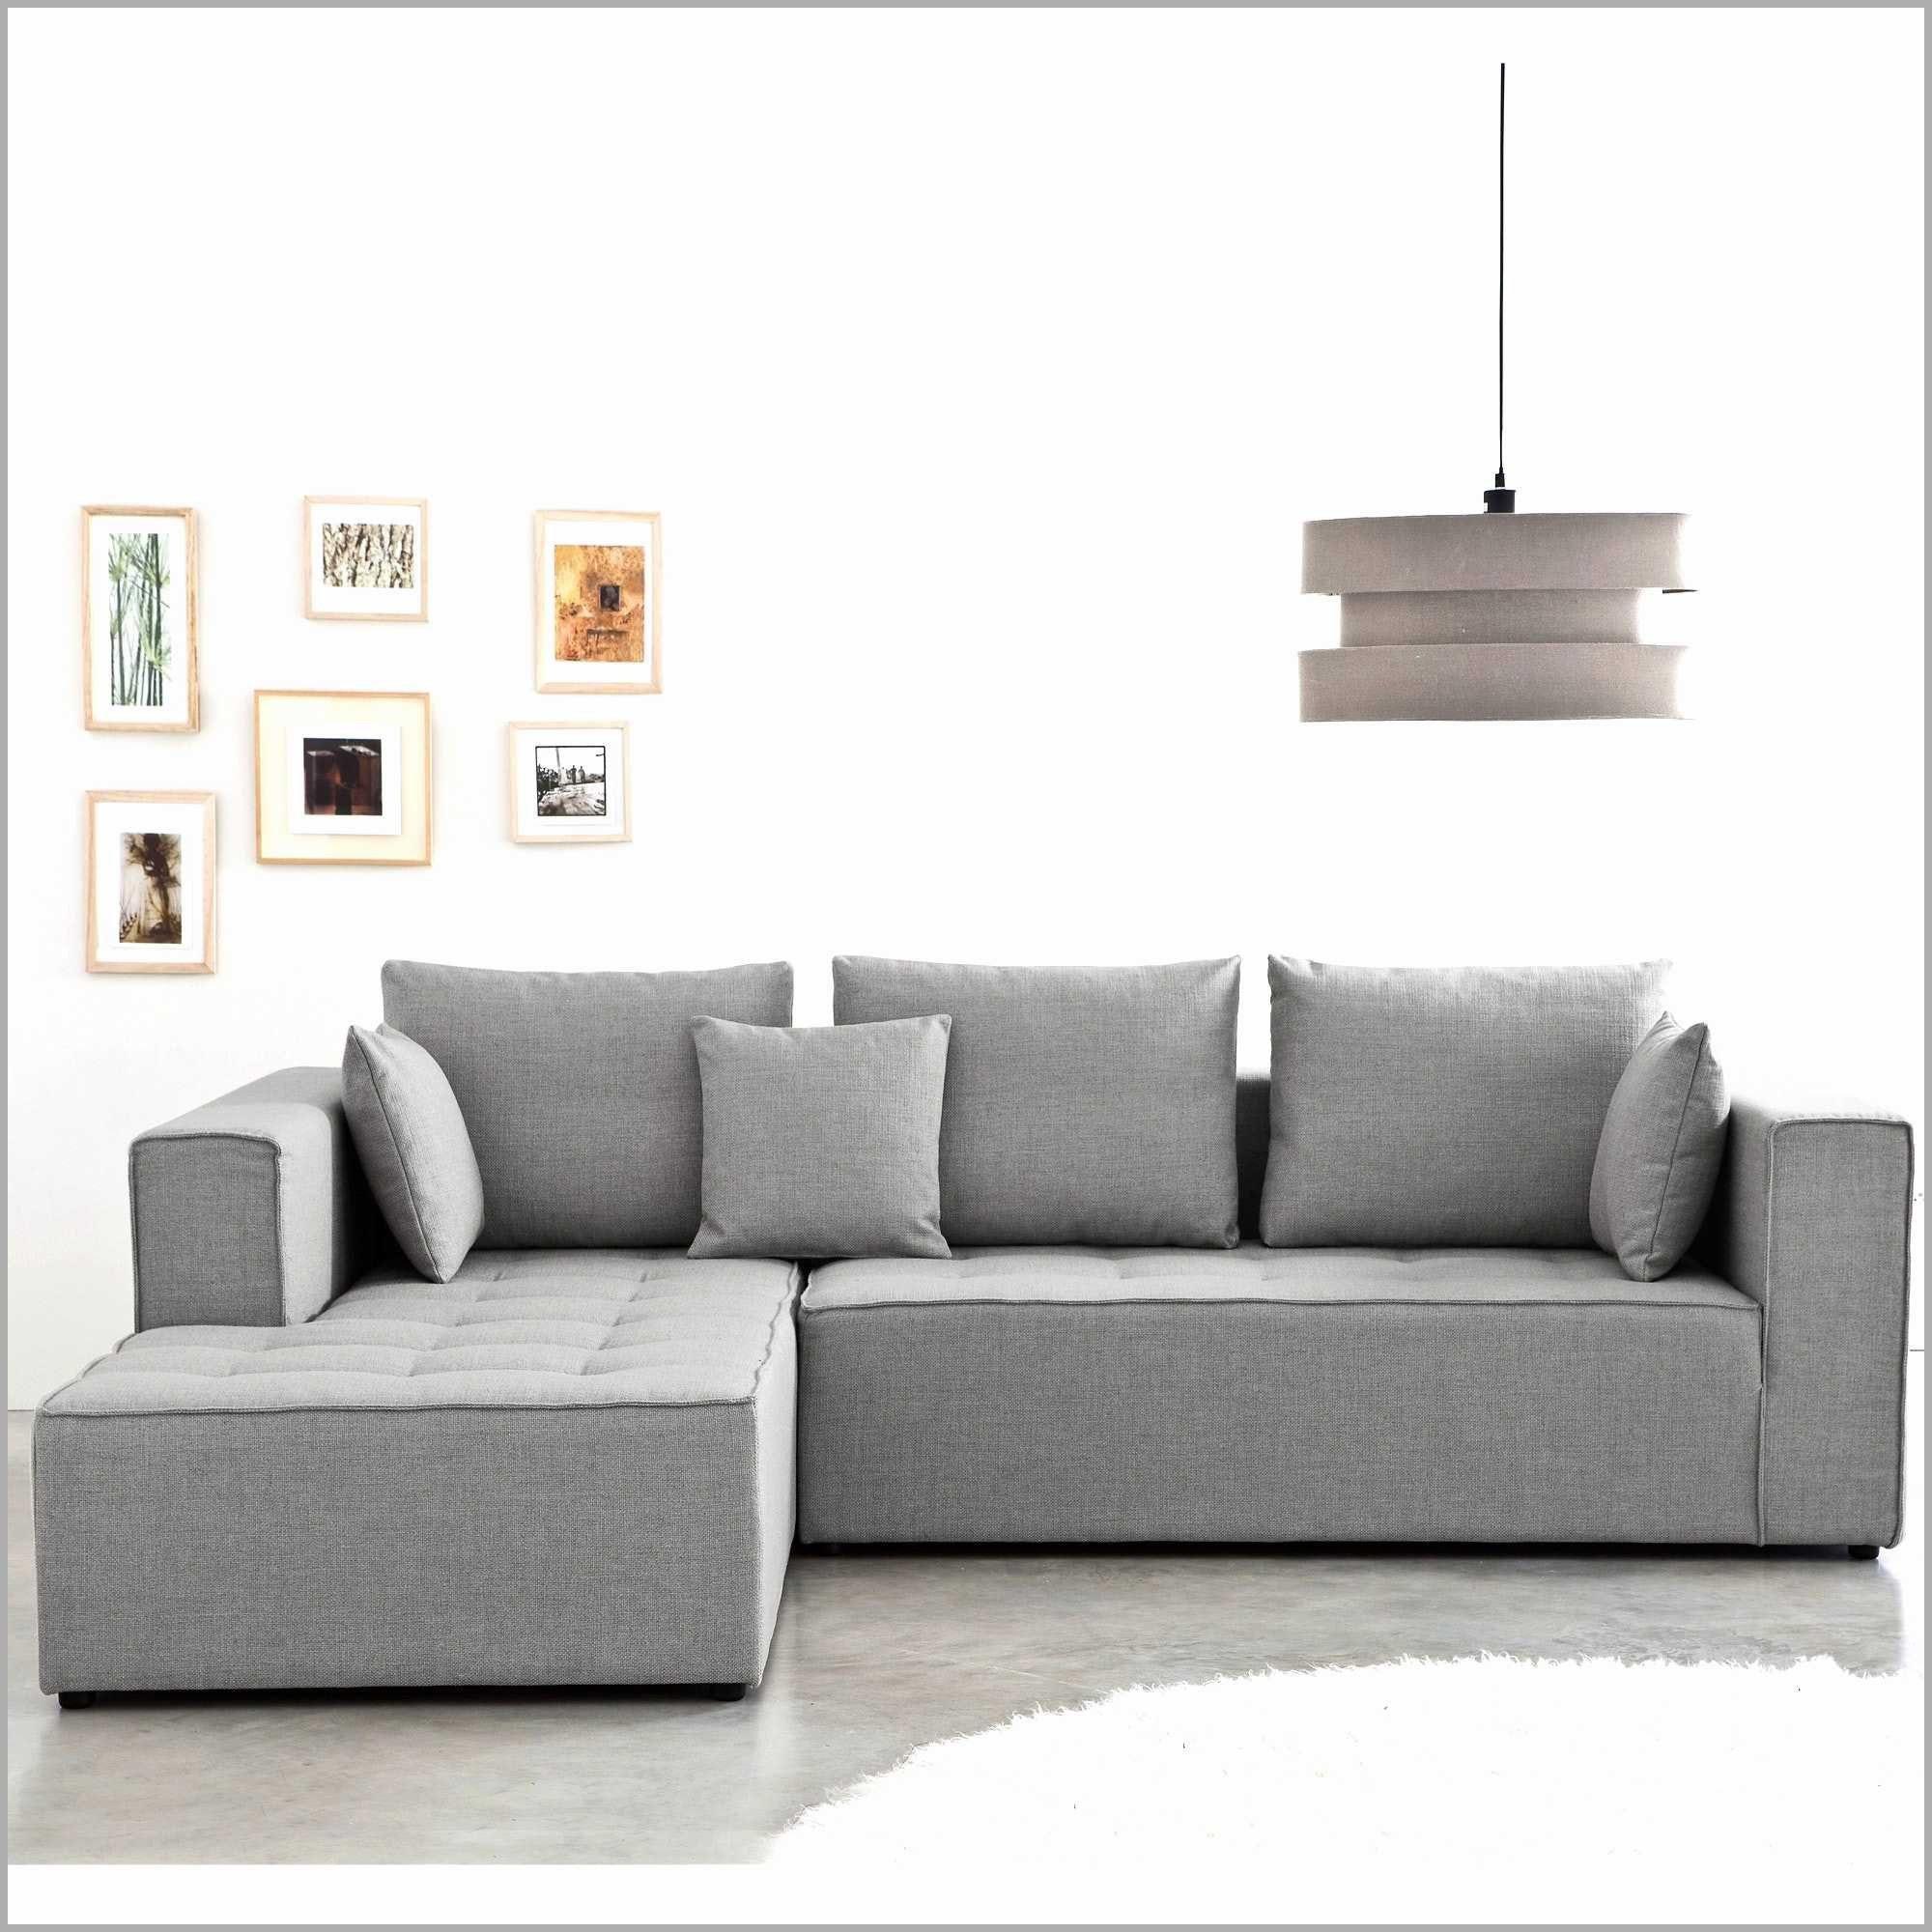 Canapé Lit Couchage Quotidien Le Luxe Nouveau Canapé Lit Couchage Quoti N Ikea 61 Idées De Design